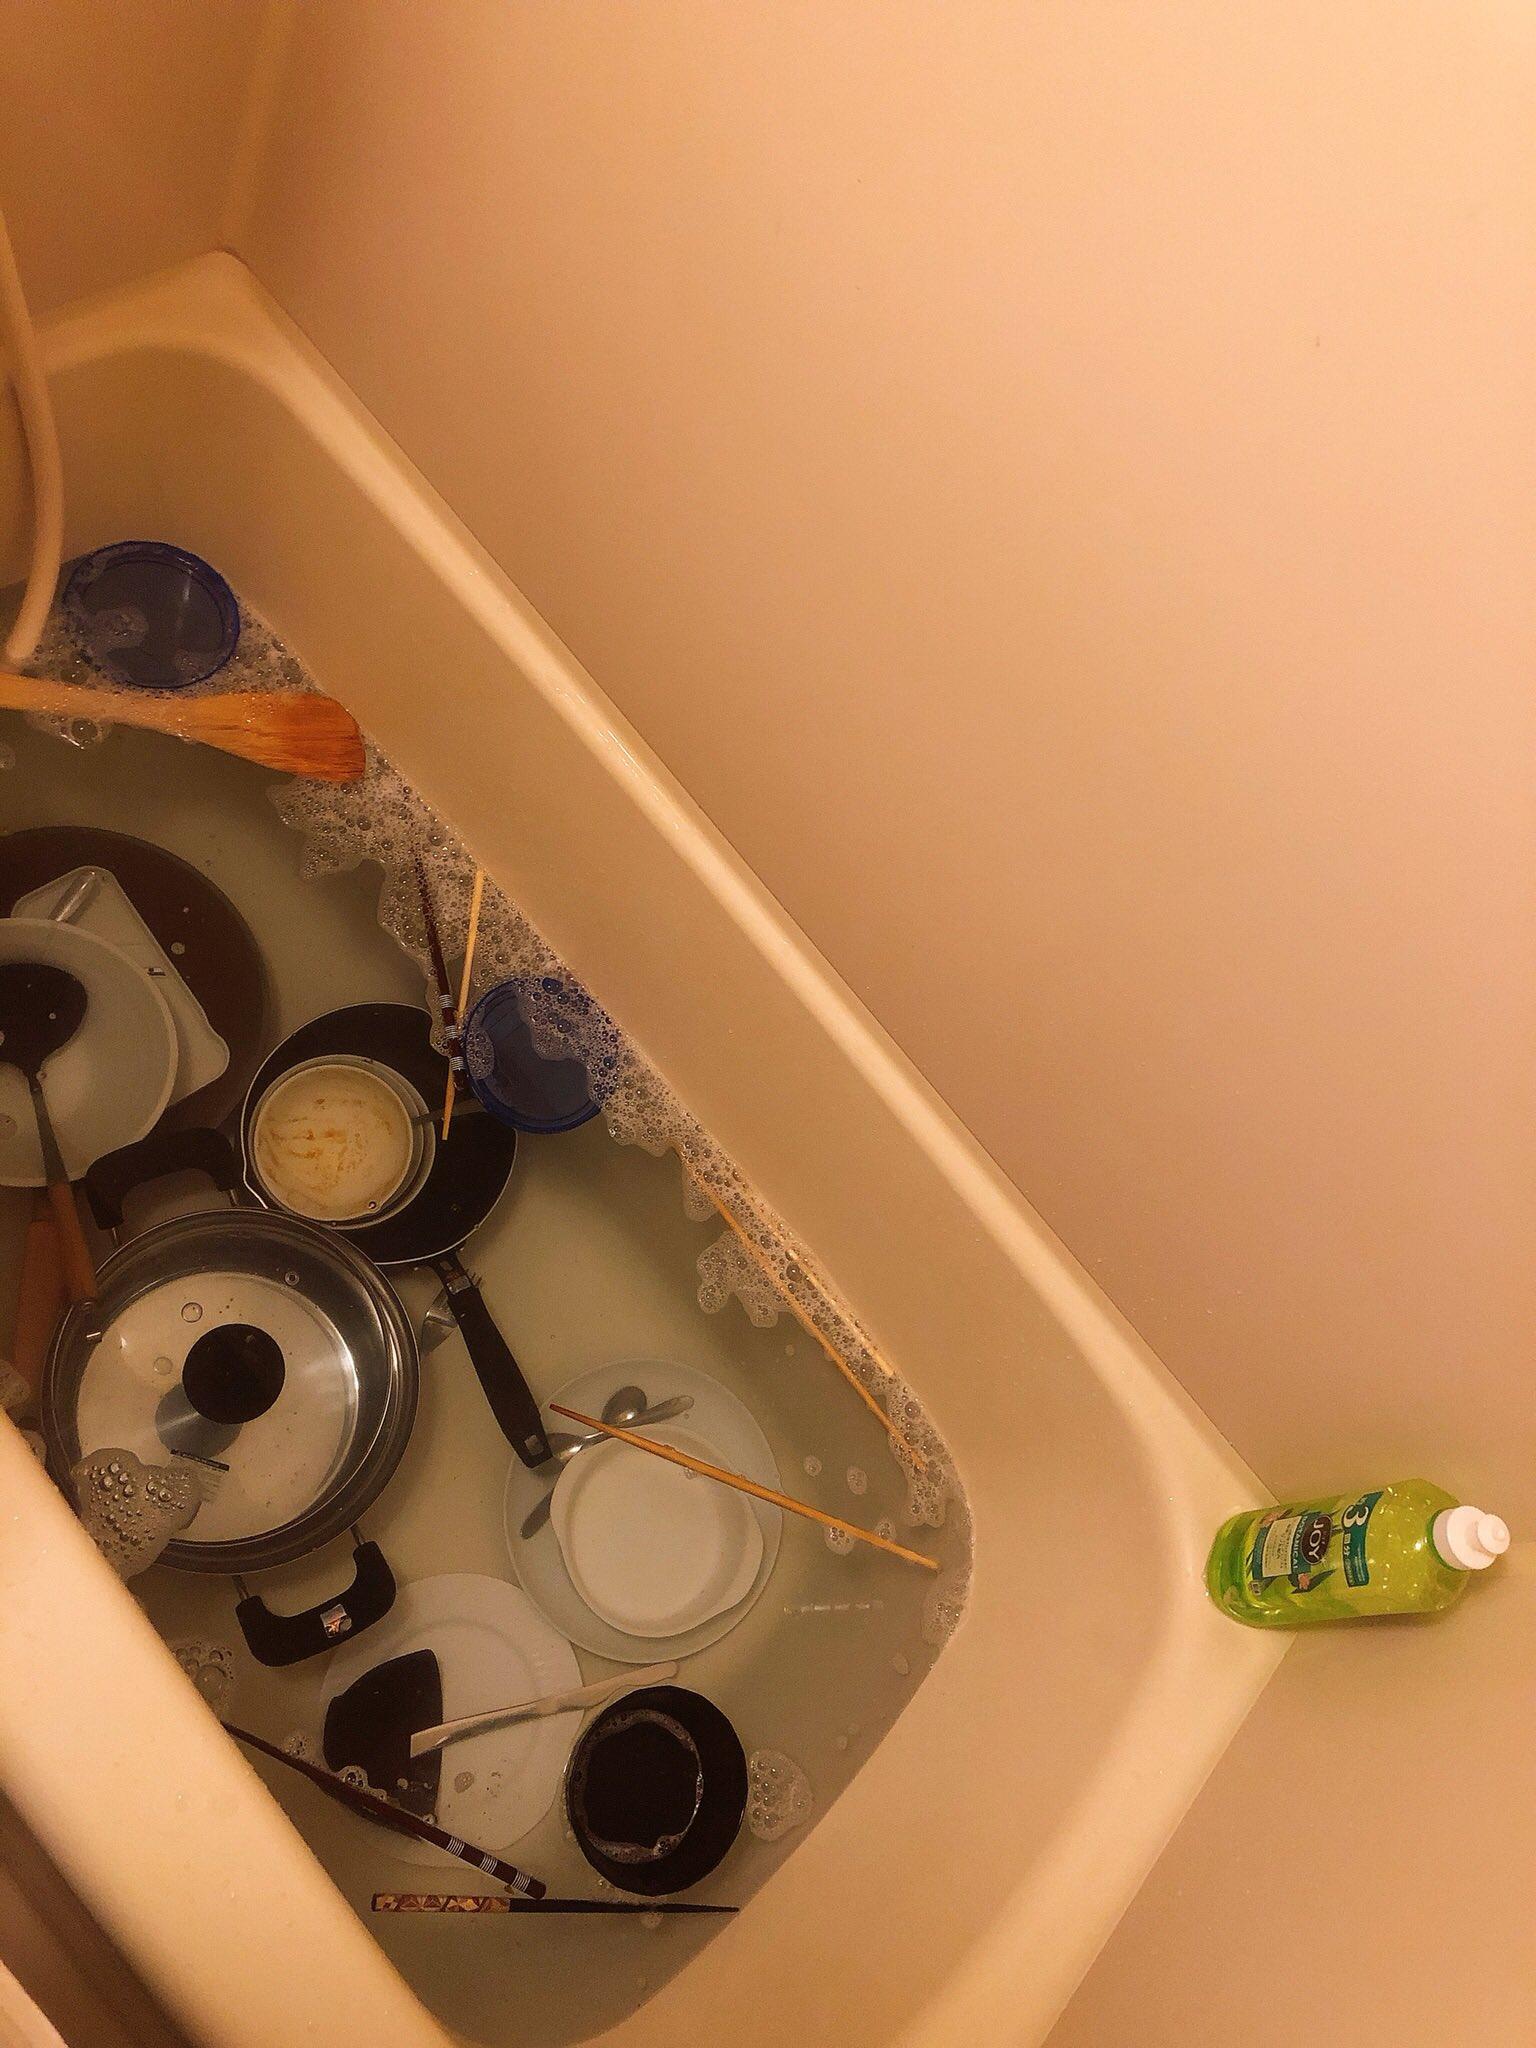 こうなったら人間おしまい?!浴槽をシンク代わりにする人が続出www